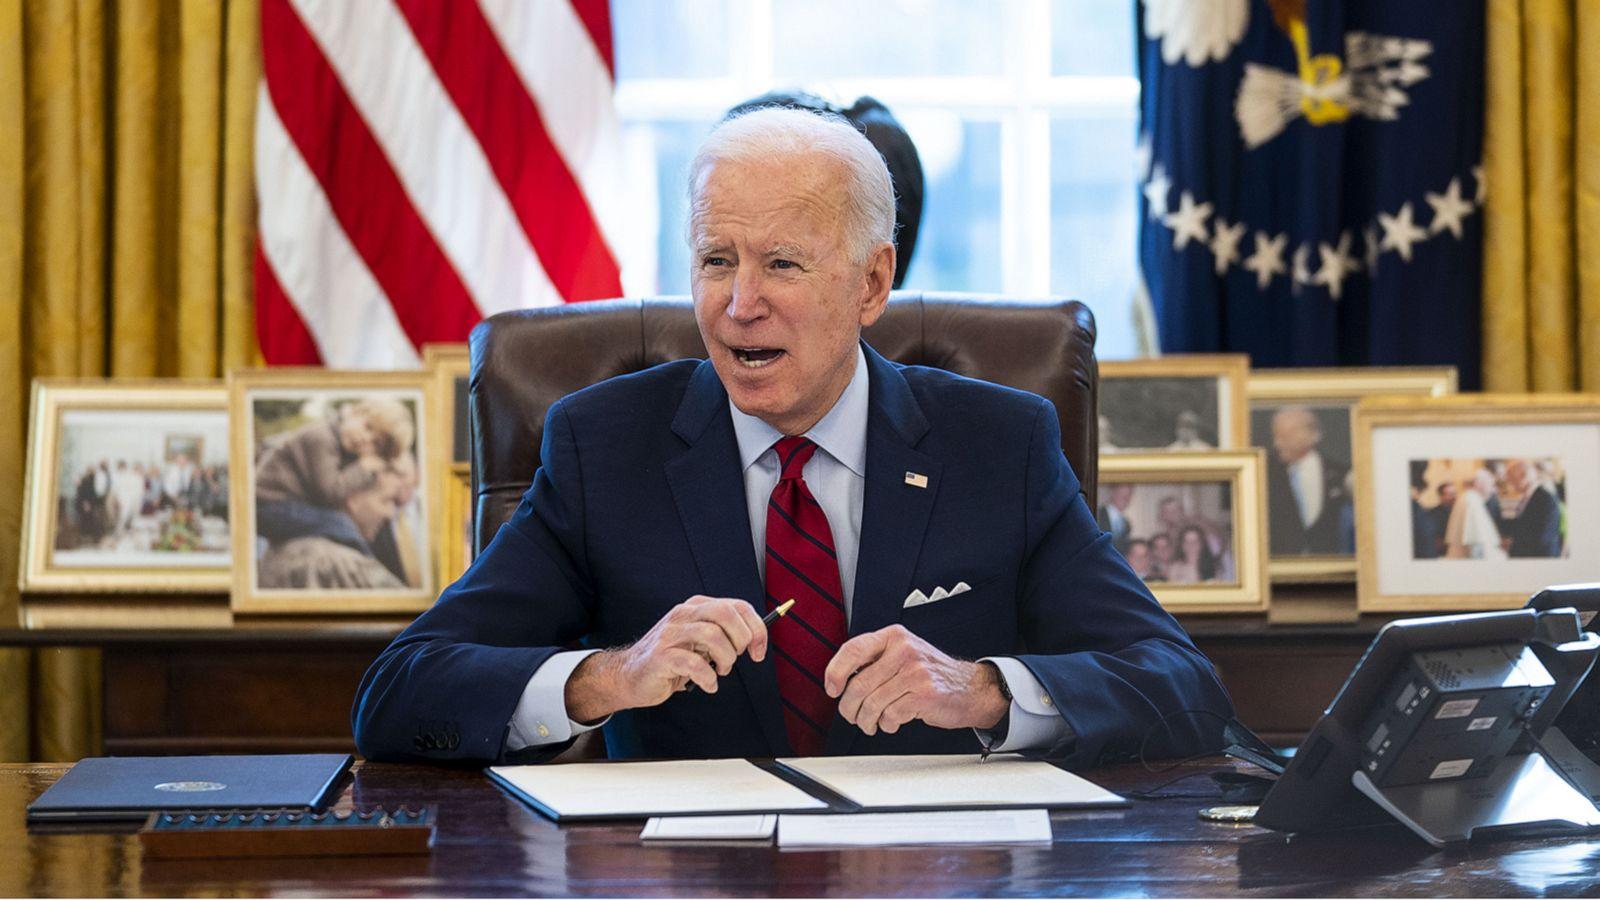 Did Joe Biden get lucky in 2020? | FiveThirtyEight Politics Podcast